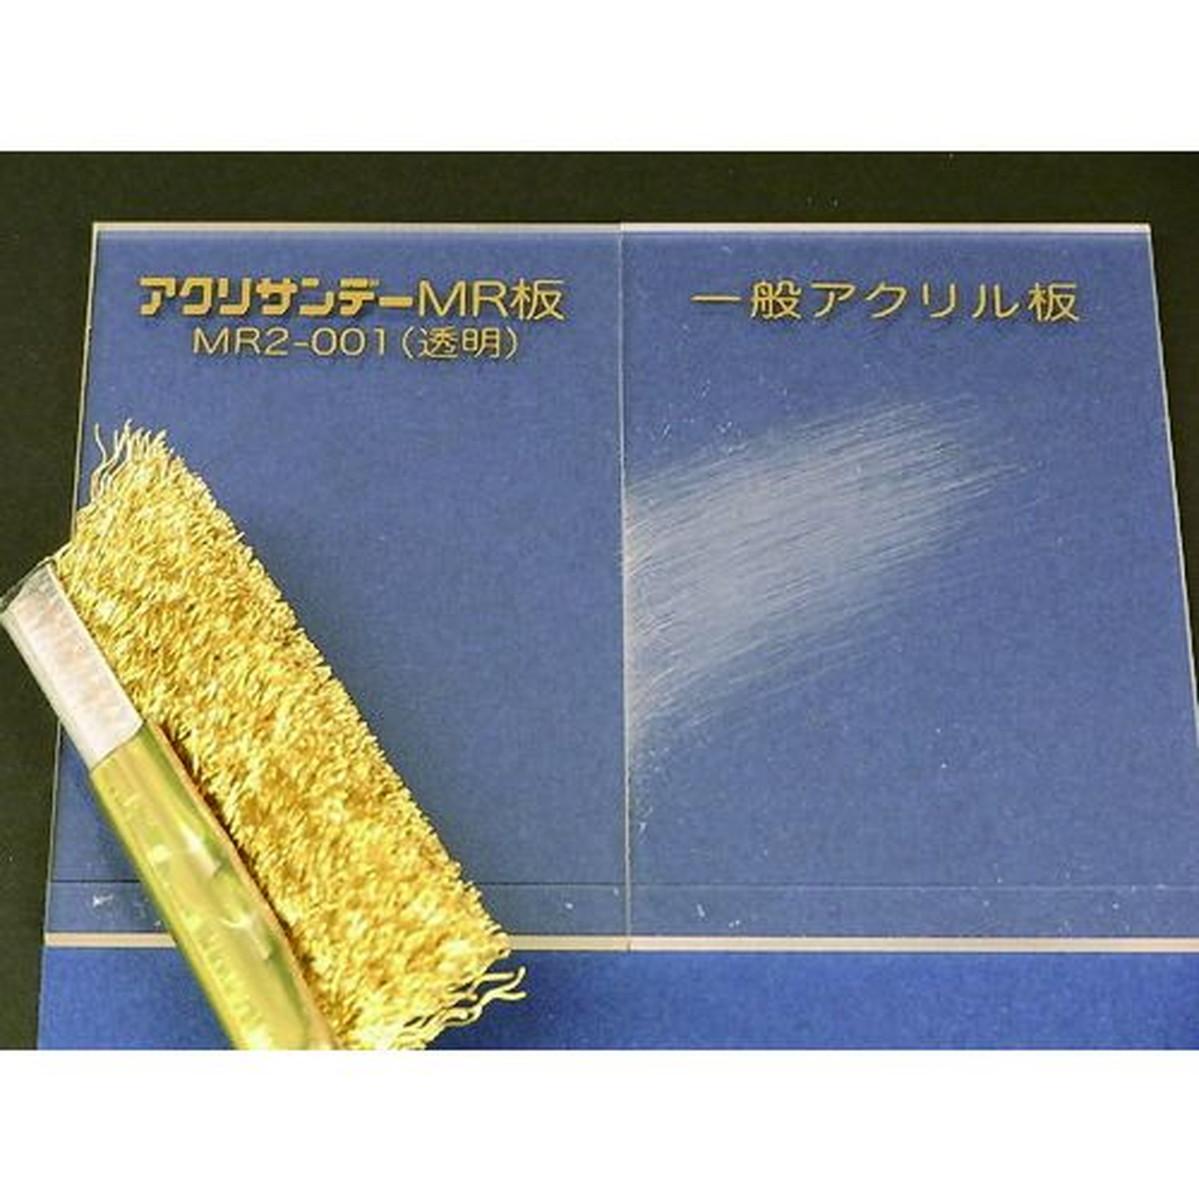 最大80%オフ! アクリサンデー 1枚アクリサンデー アクリ表面硬化板透明650x1100x5mm 1枚, パラレル:0e5c6594 --- kventurepartners.sakura.ne.jp